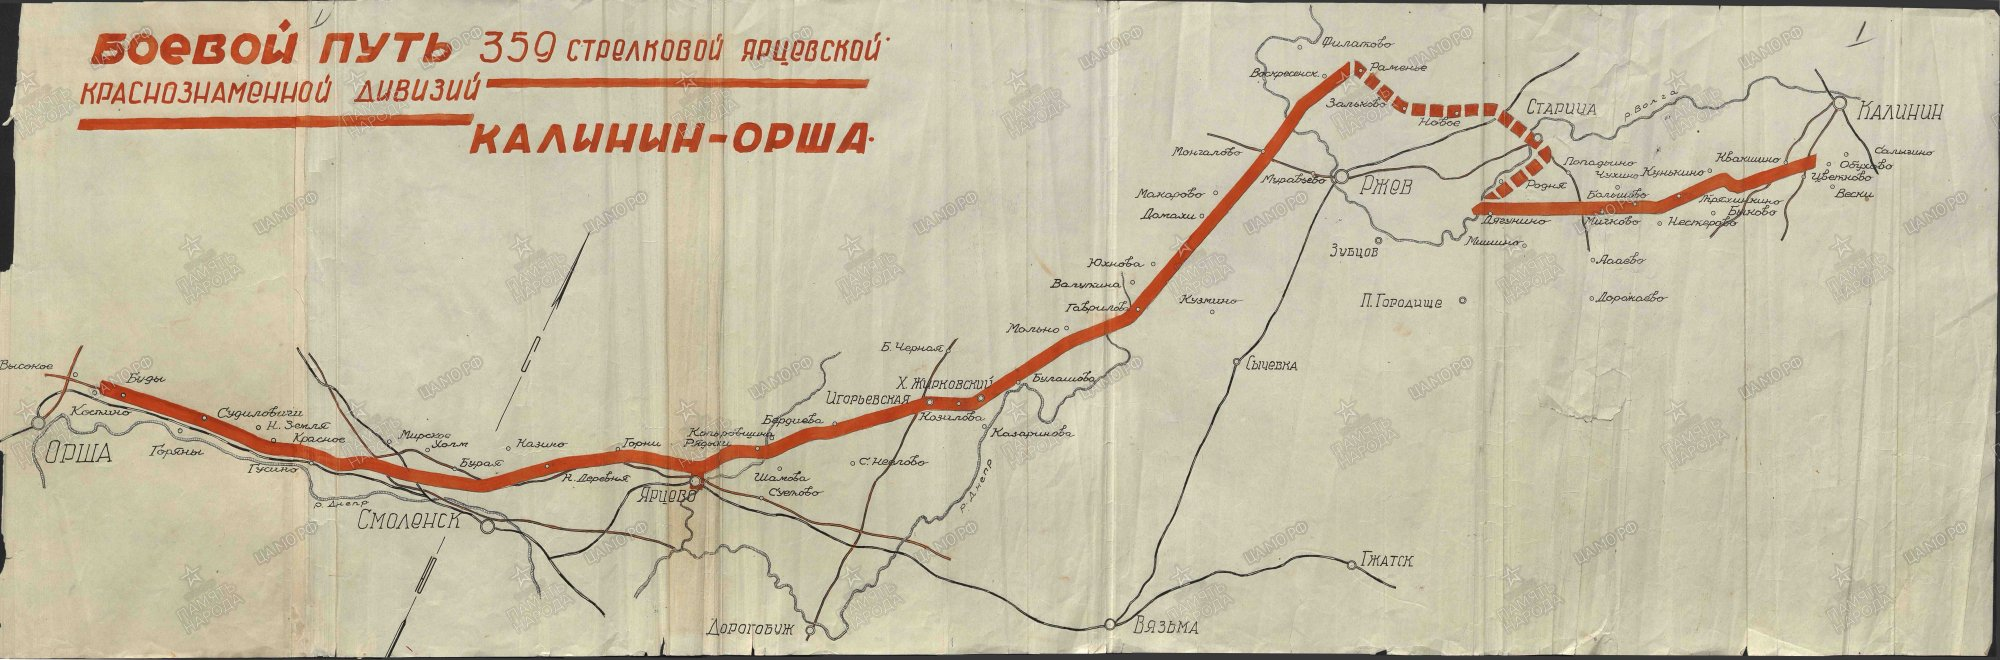 Формирование дивизии и ее боевой путь